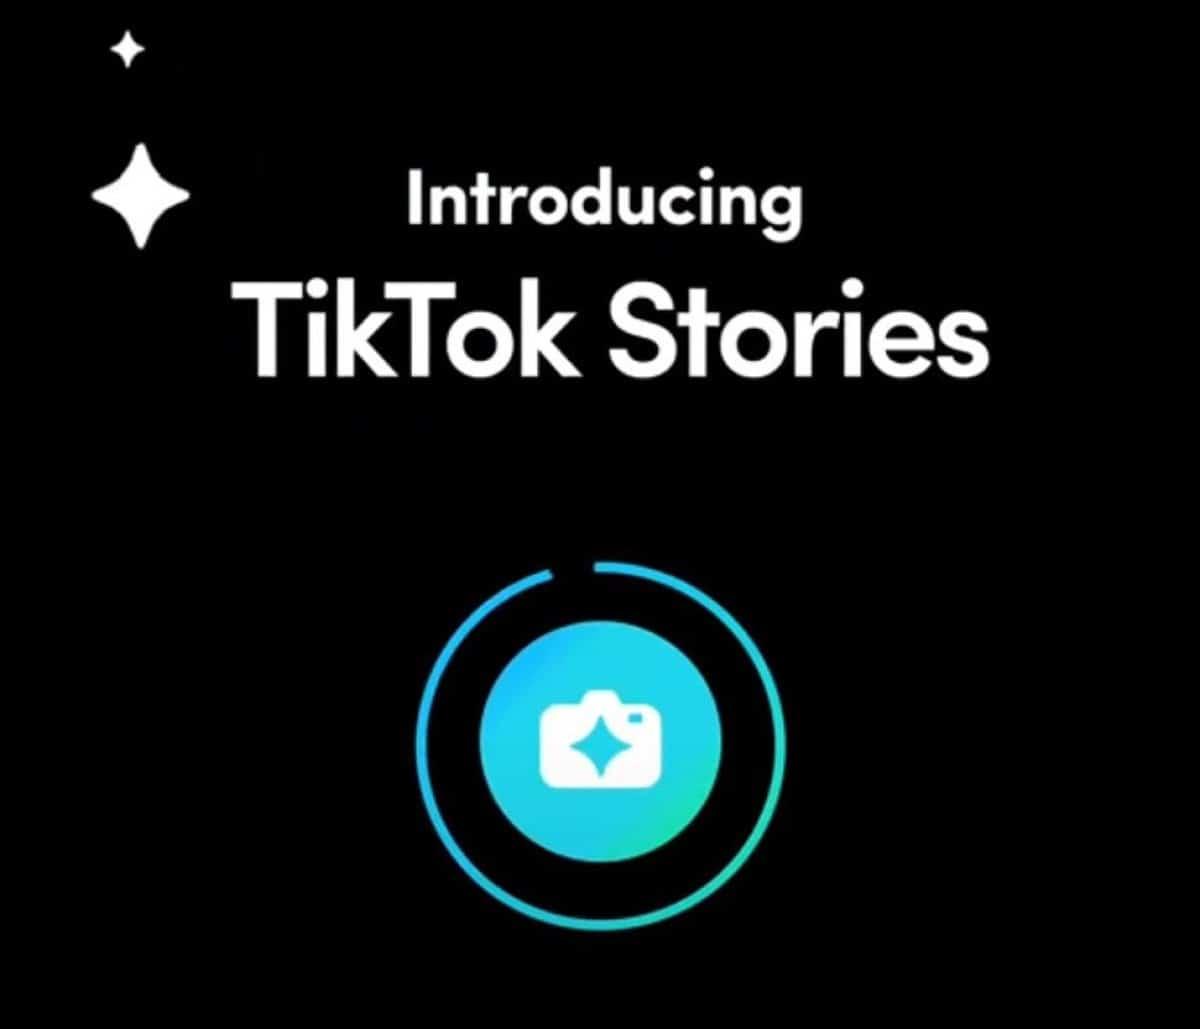 tiktok teste les stories son sur app